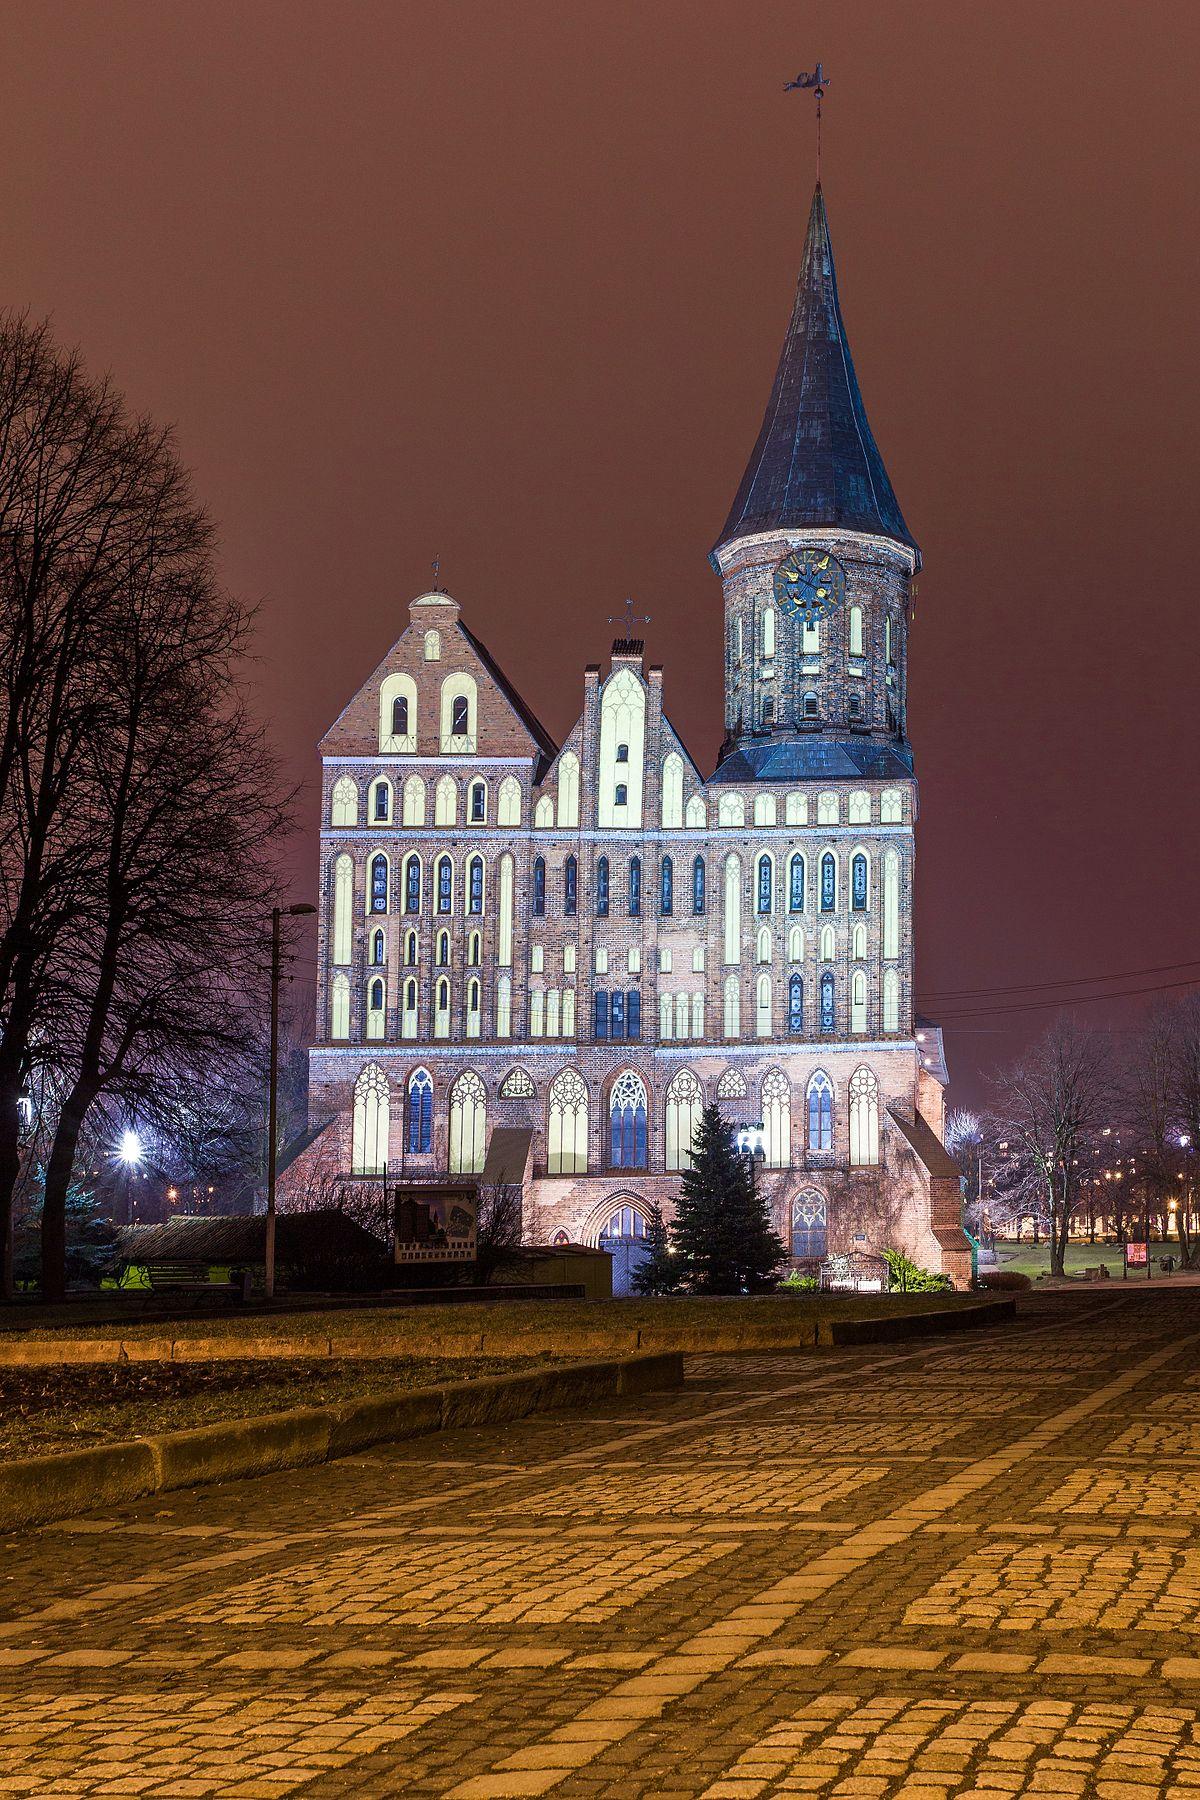 внутри собор фото калининград кафедральный